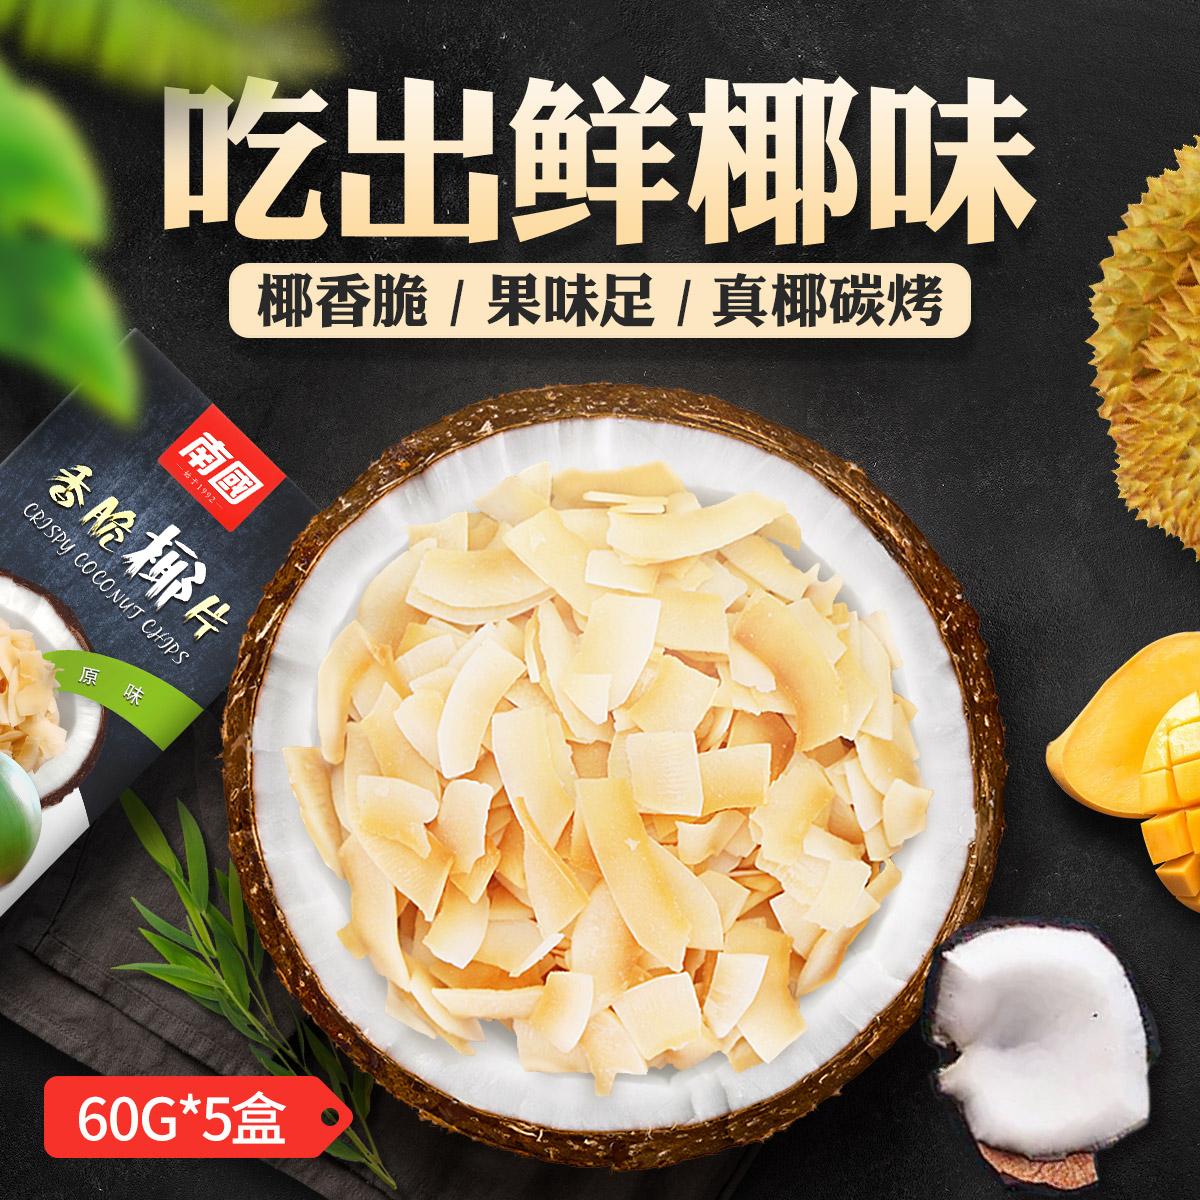 特产香脆椰子片